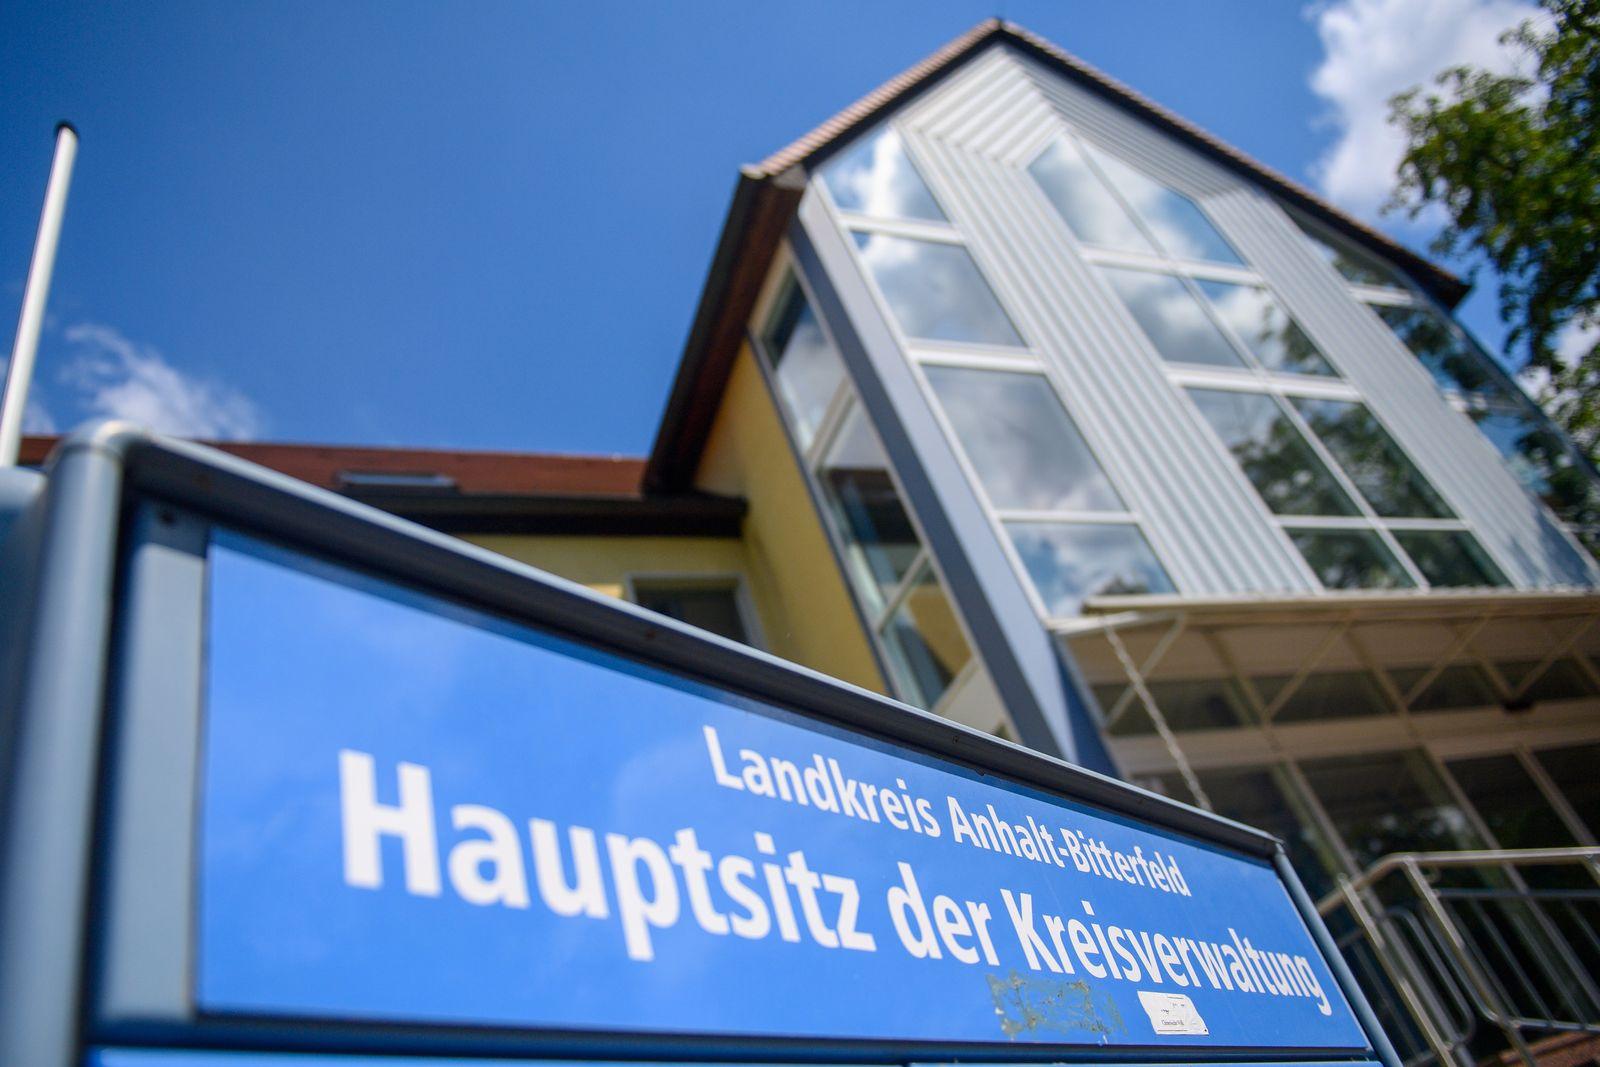 Cyberattacke: Katastrophenfall im Landkreis Anhalt-Bitterfeld